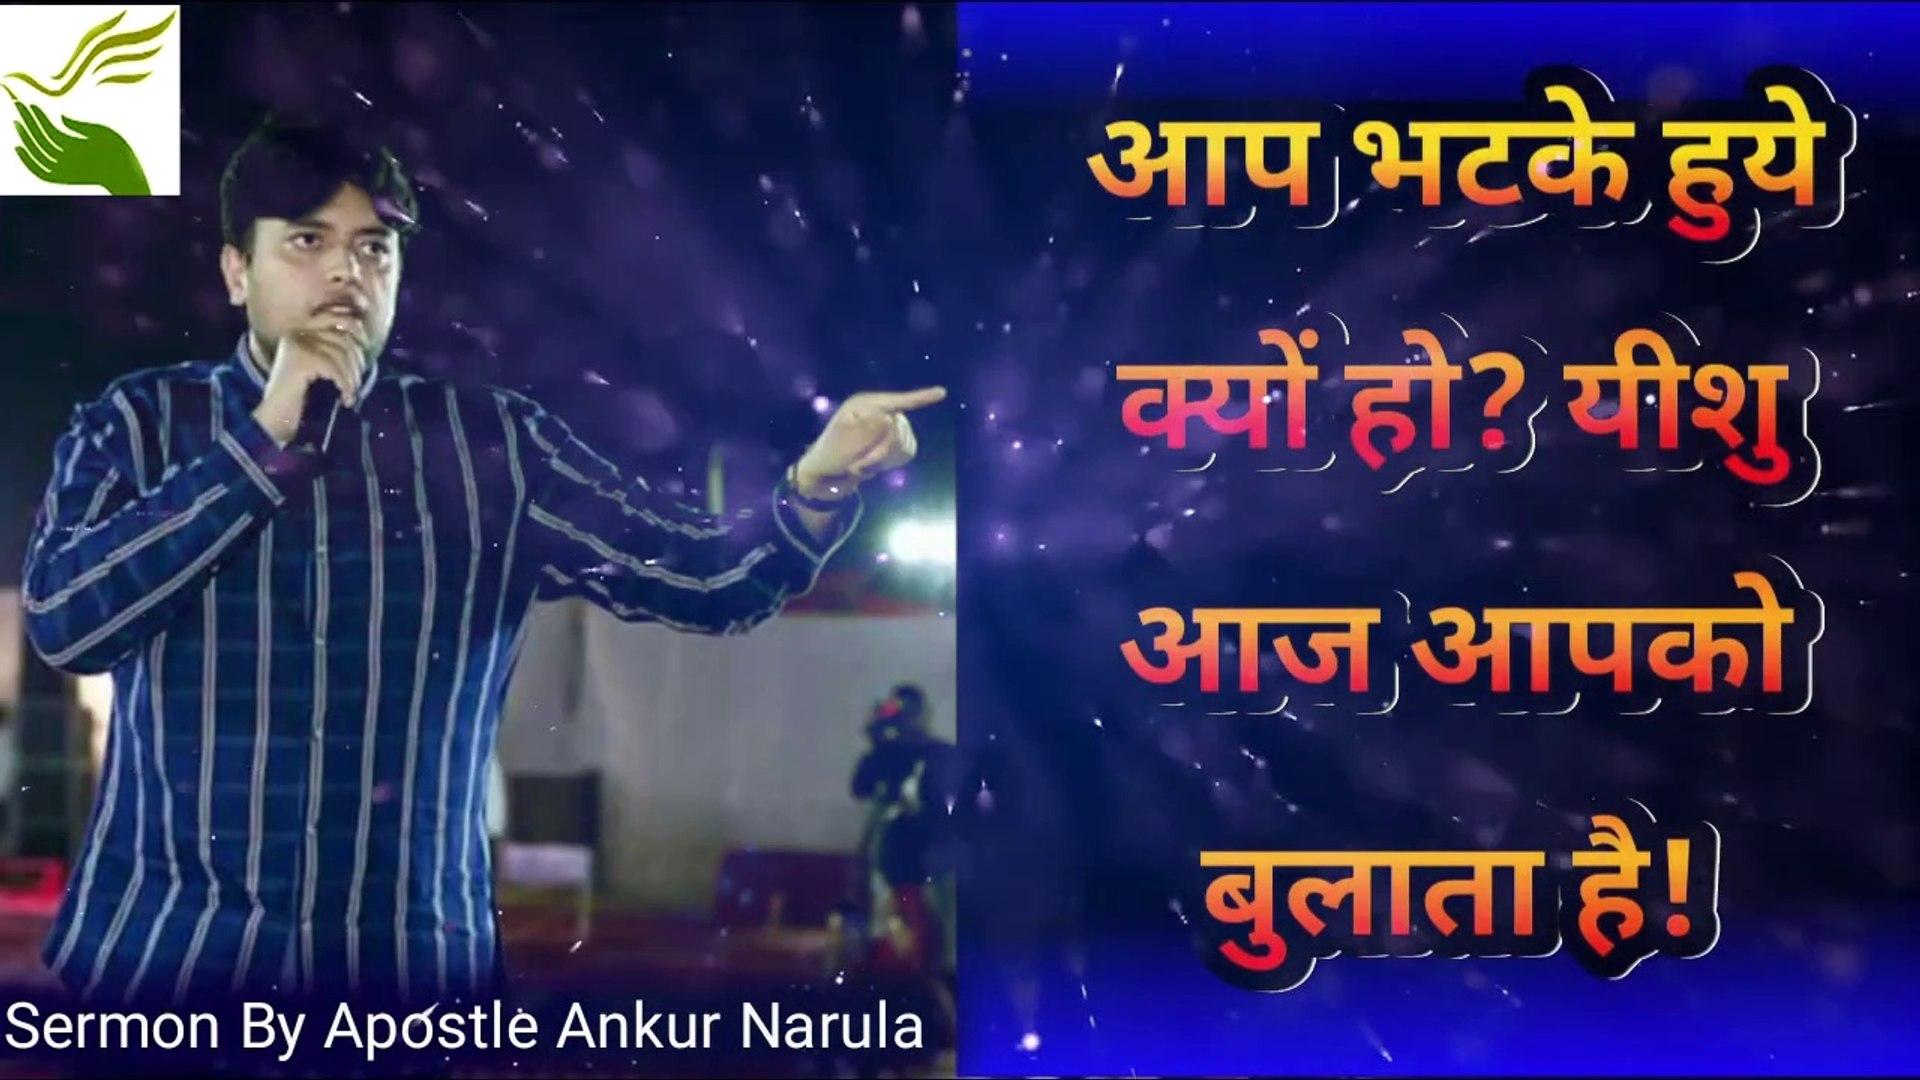 Aap Bhatke hue Kyon Ho YESHU Aaj Apko Bulata Hai